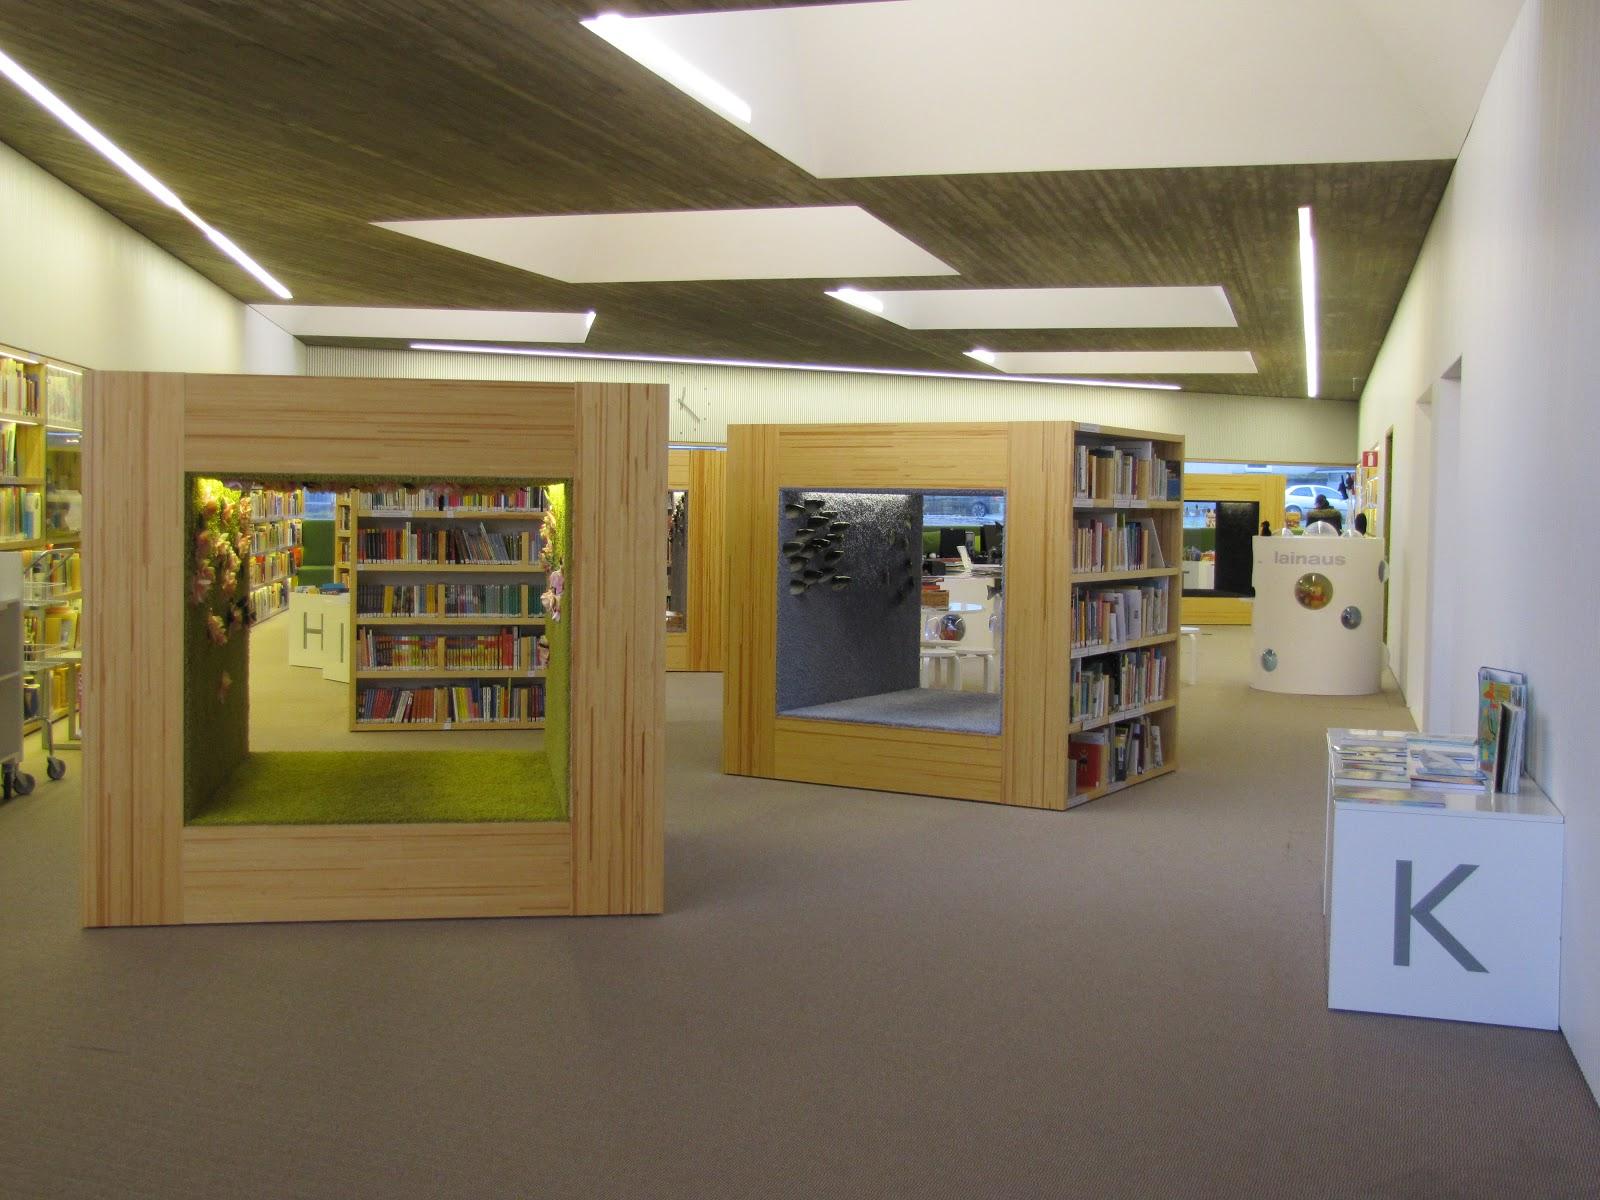 Sein 228 Joki Public Library Main Library Apila Libraries Fi